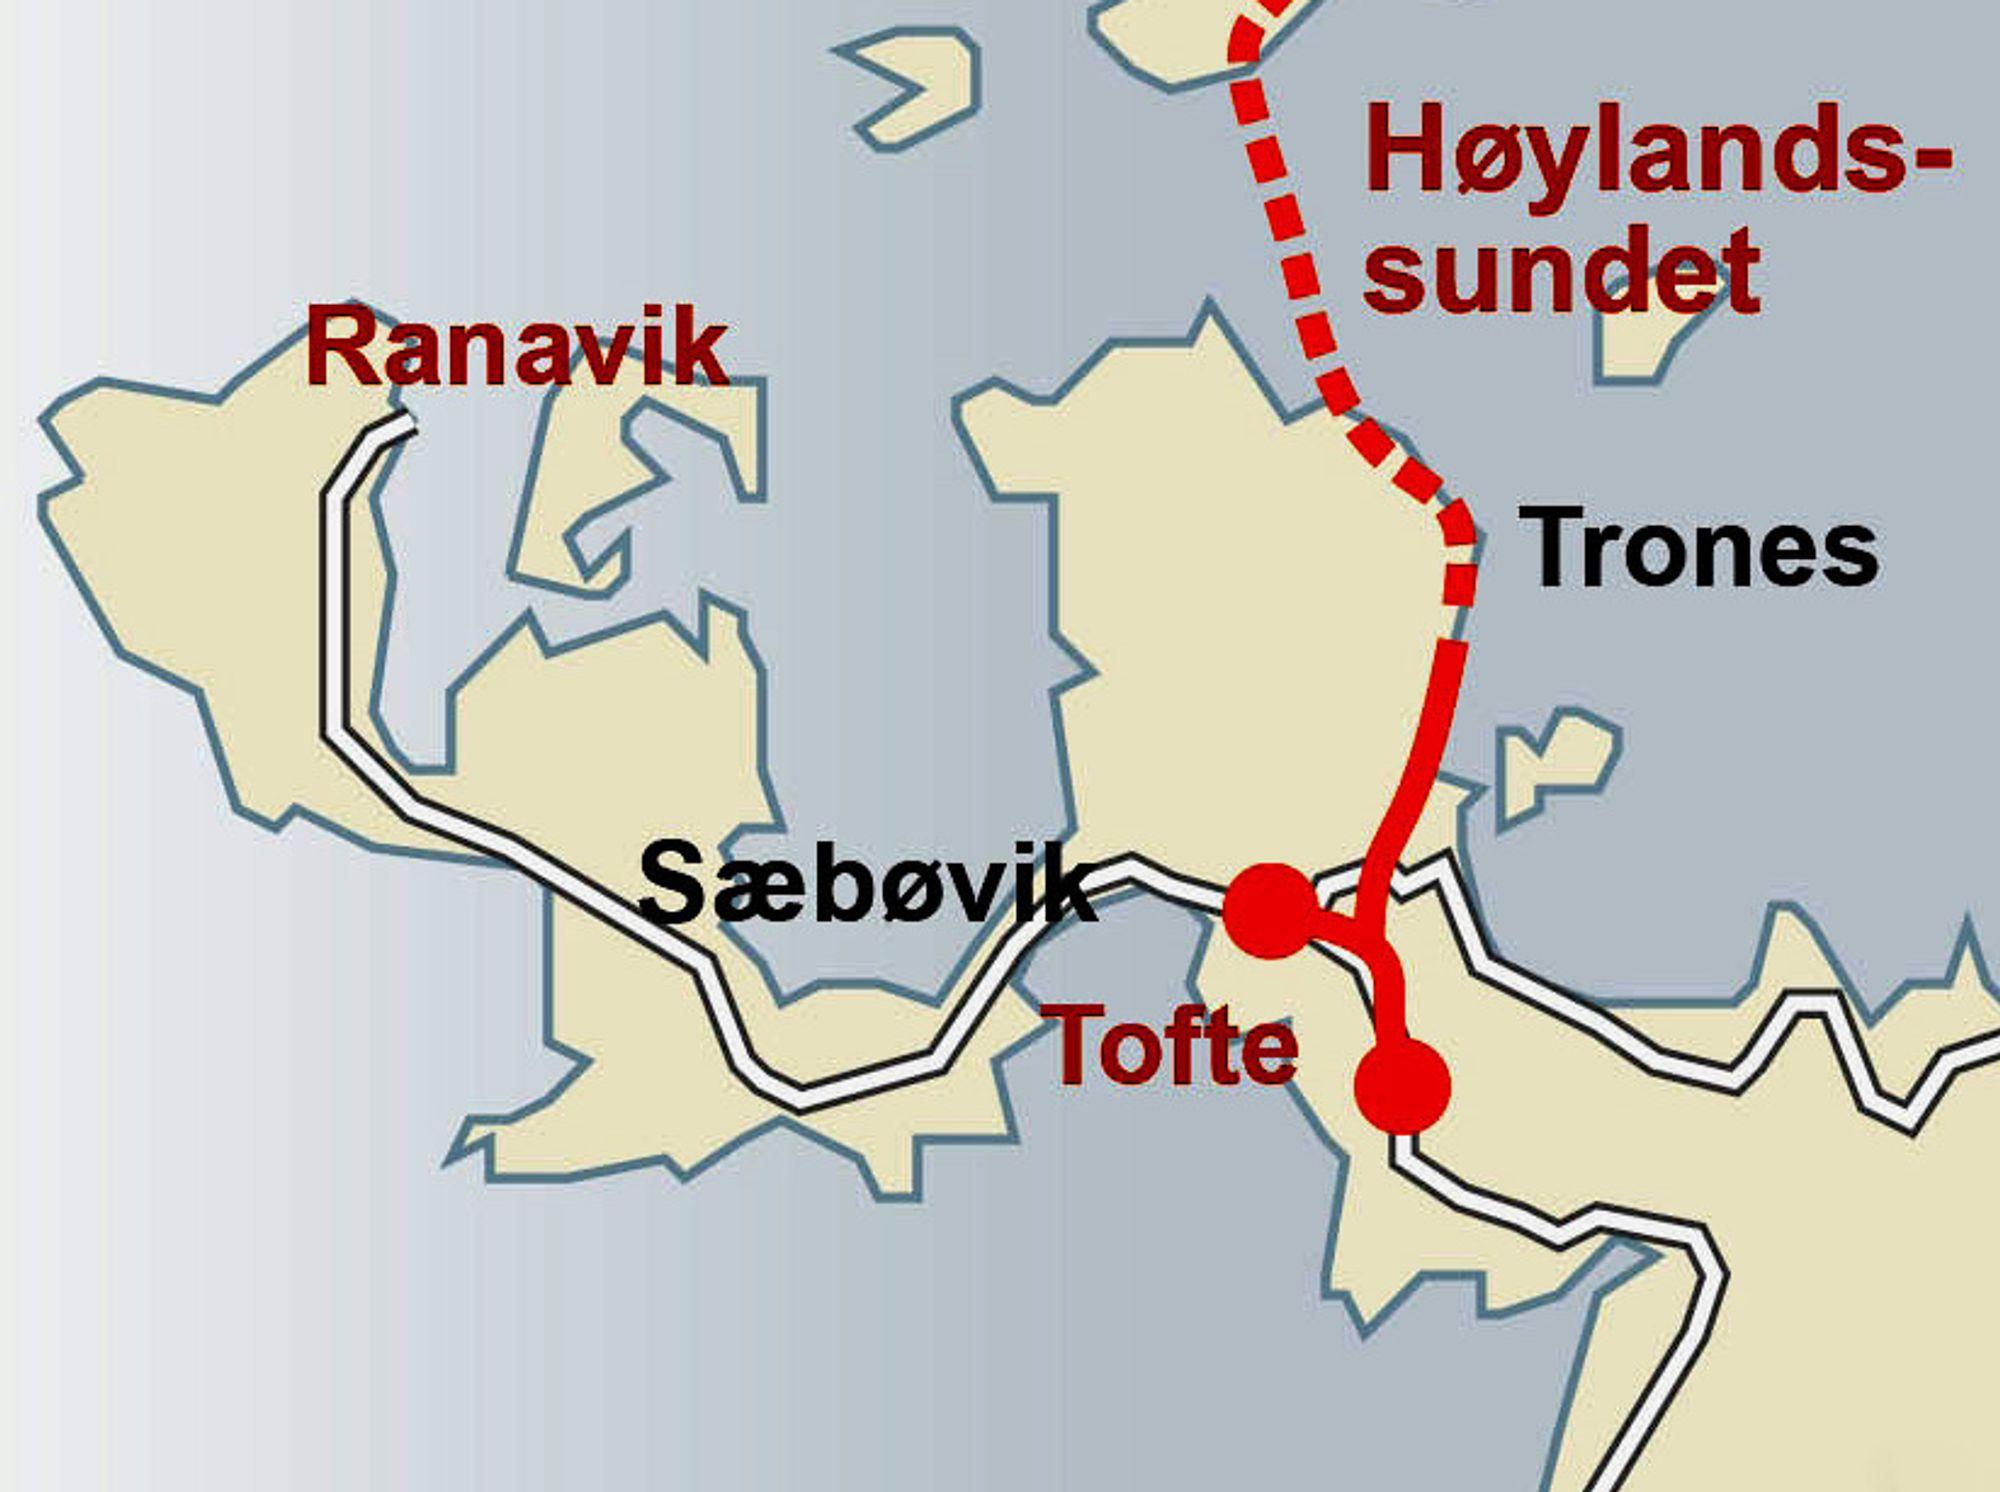 Halsnøytunnelen med tilstøtende veger er markert med rødt. Etter at den ble åpnet, går fergesambandet mellom Kvinnherad og Stord via Ranavik. Vegen mellom Tofte og Ranavik er det ikke gjort mye med inntil nå.